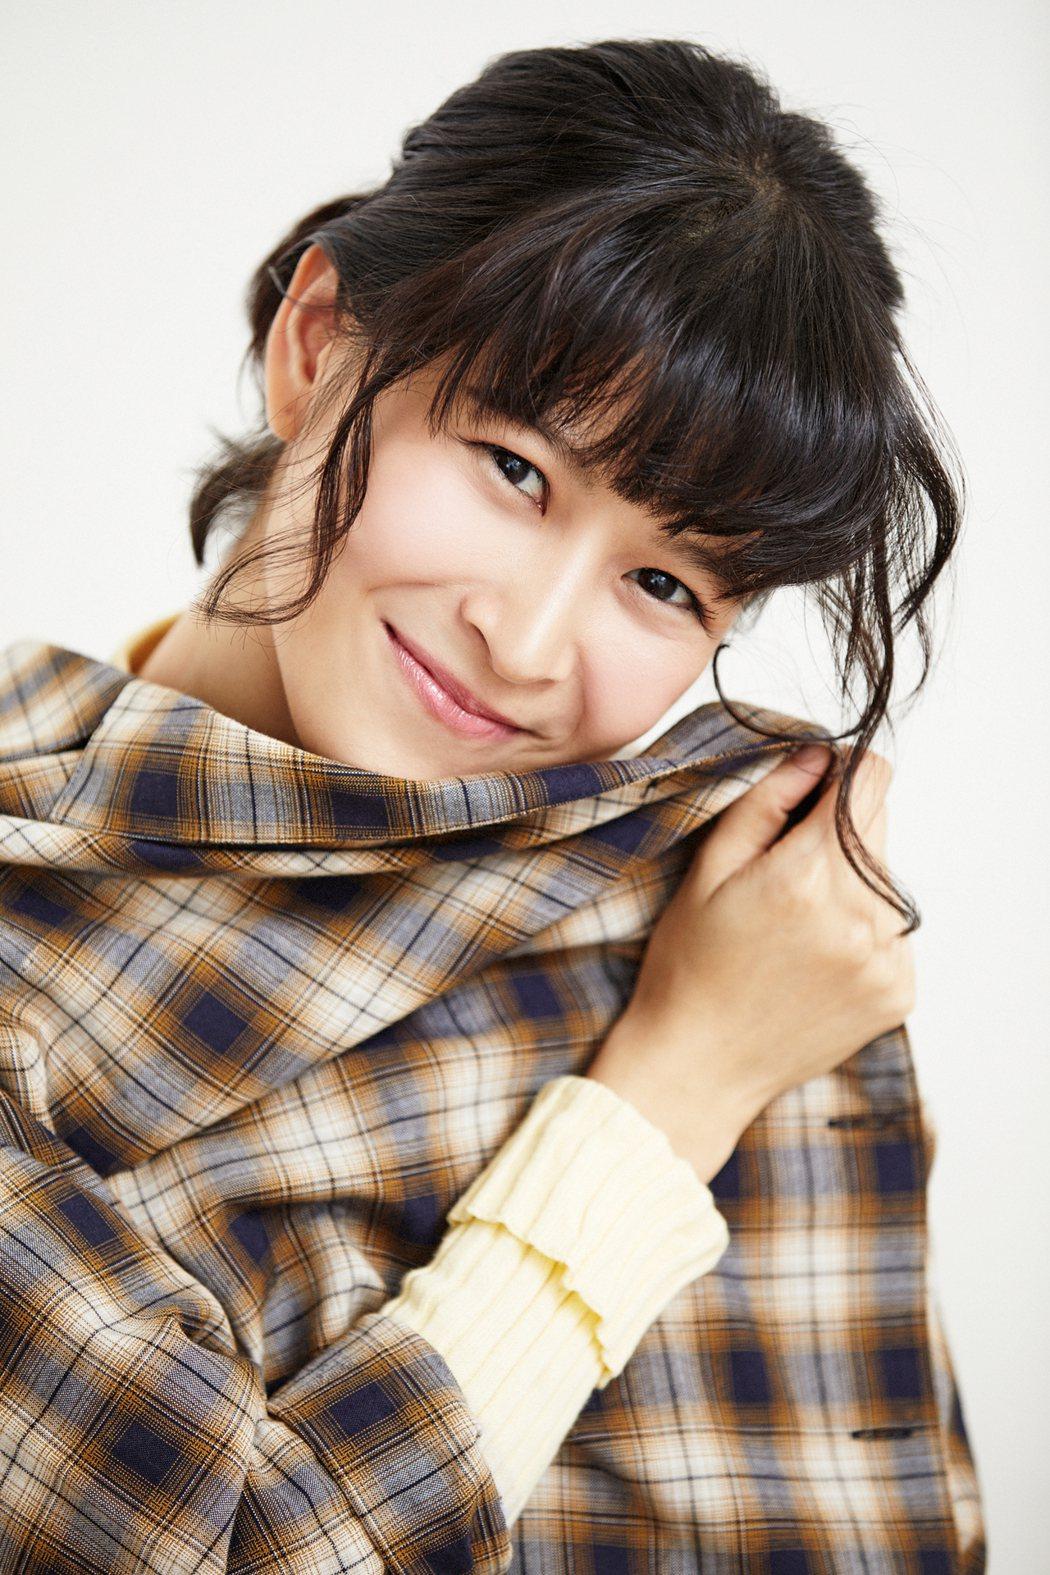 江宜蓉演出「花甲男孩轉大人」爆紅。圖/MILK潮流誌提供